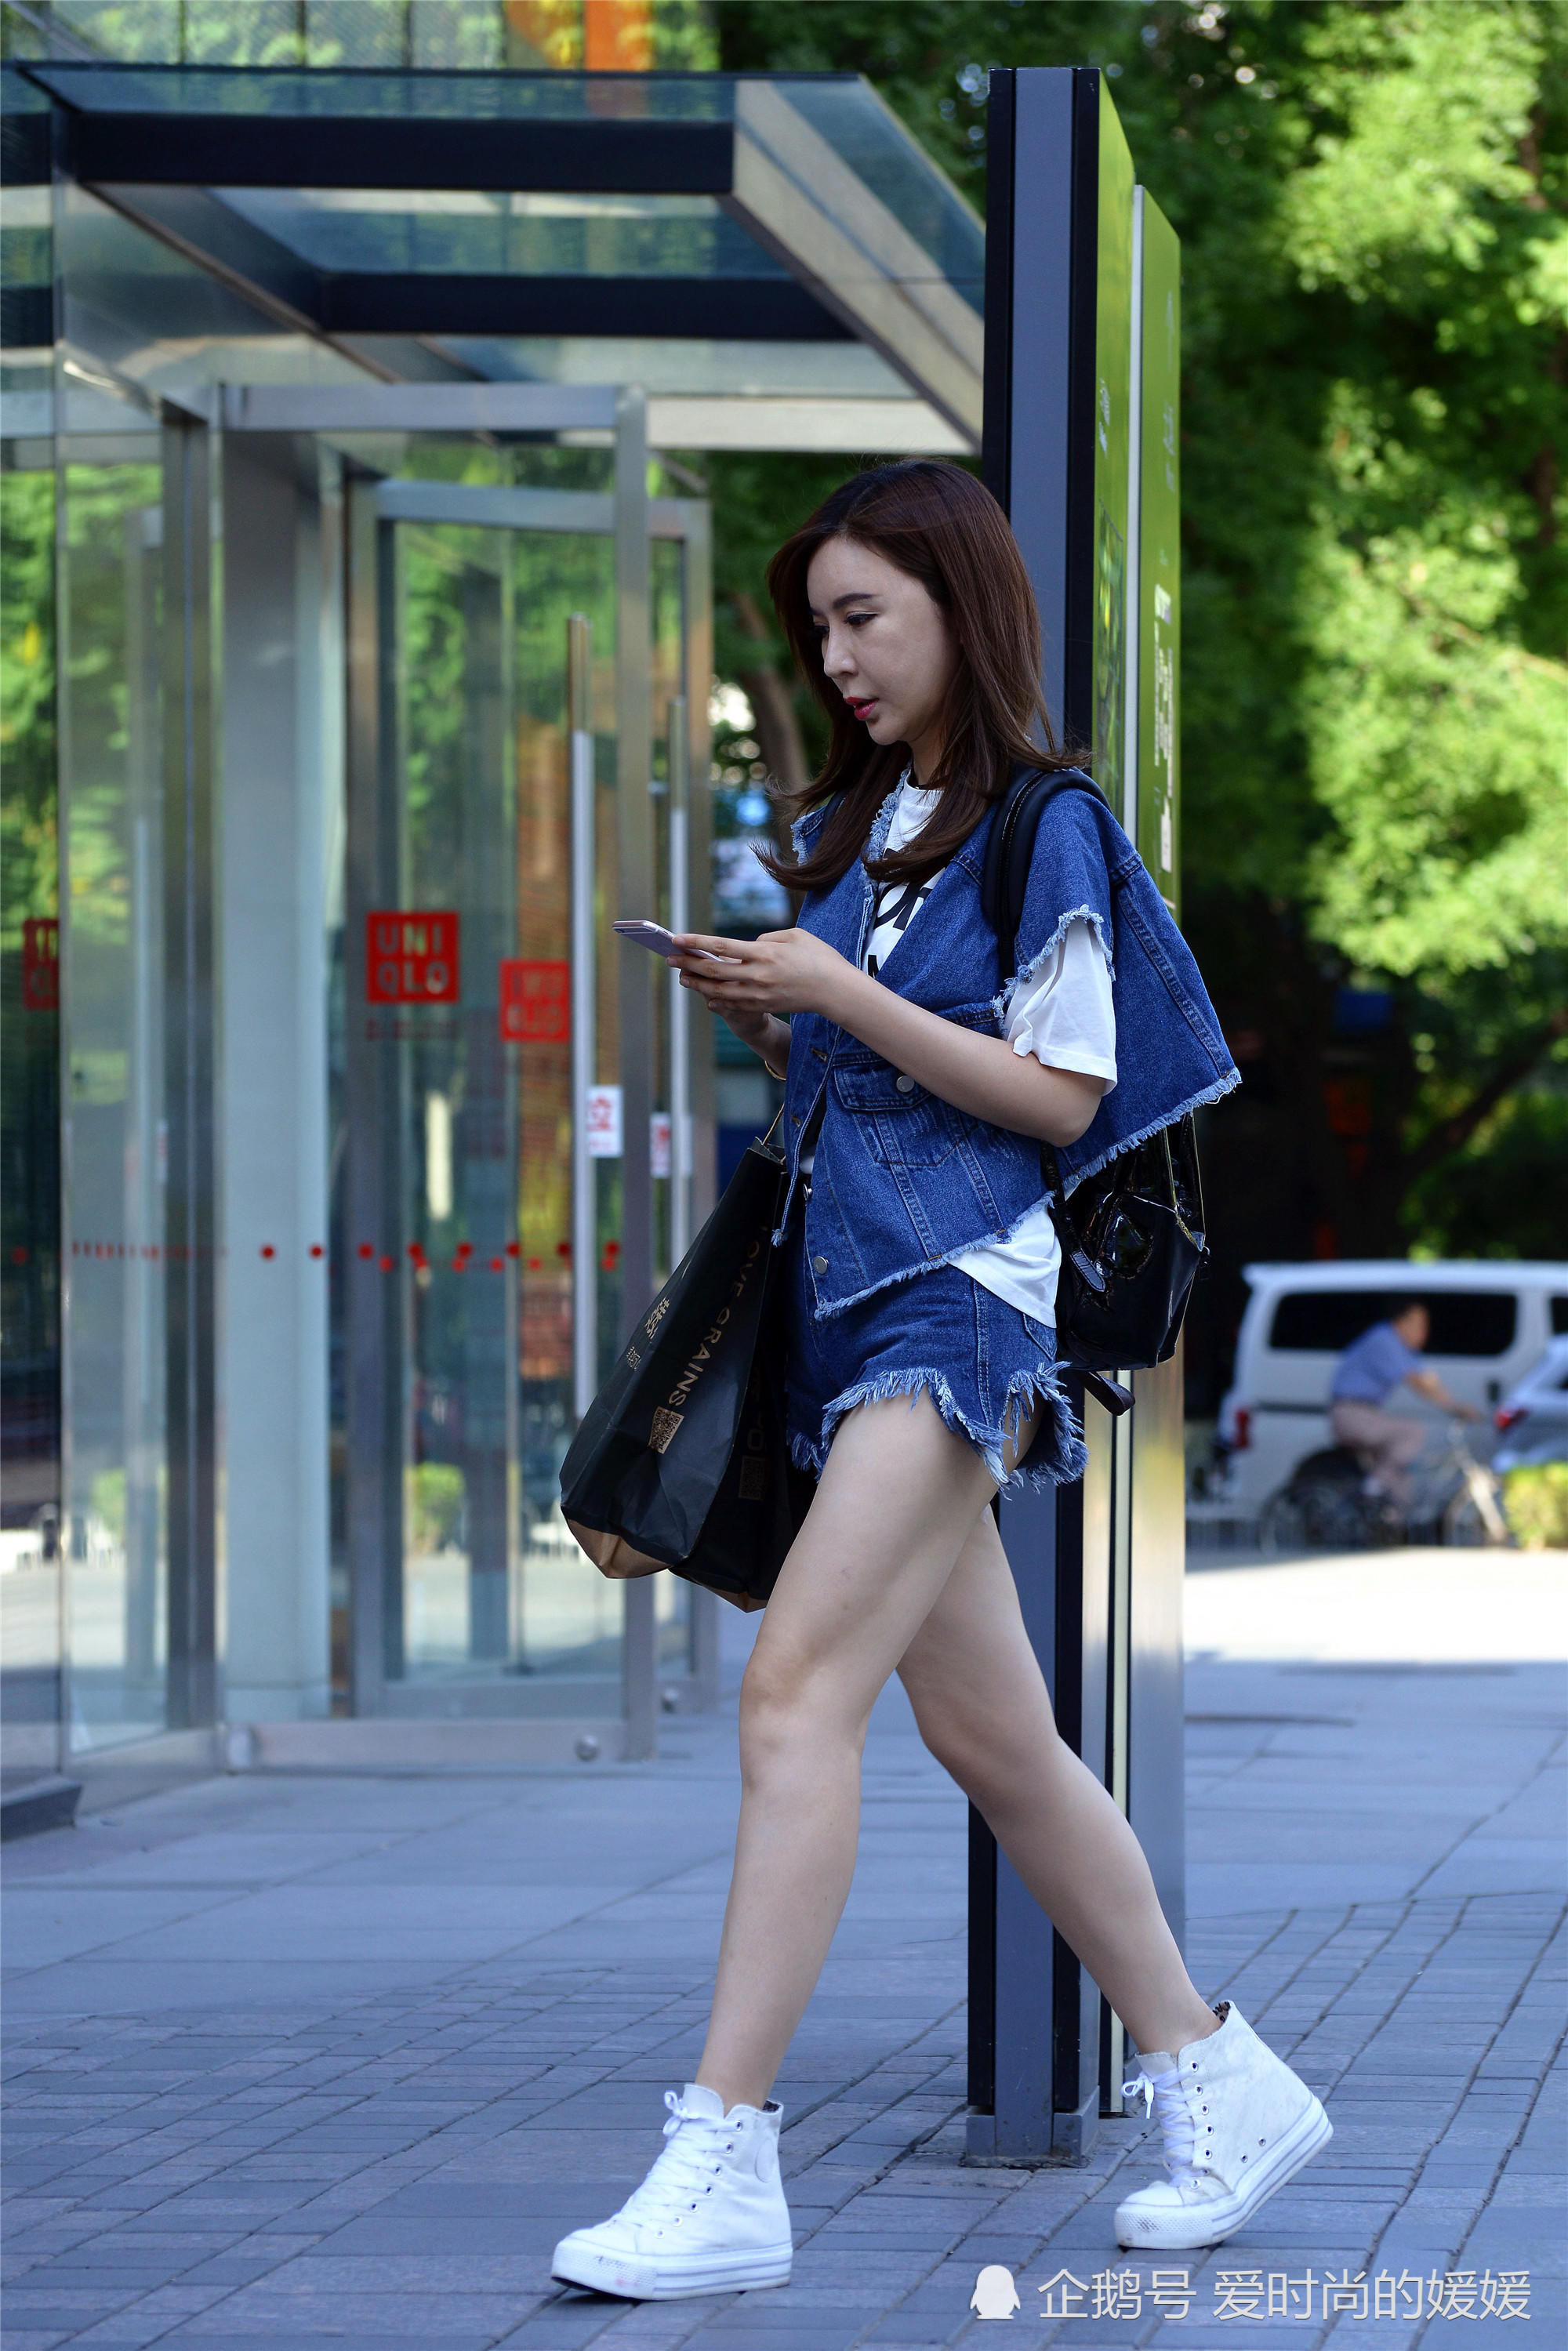 穿平底鞋自信的姑娘,简单大方,柔和逛街优雅的女生图片